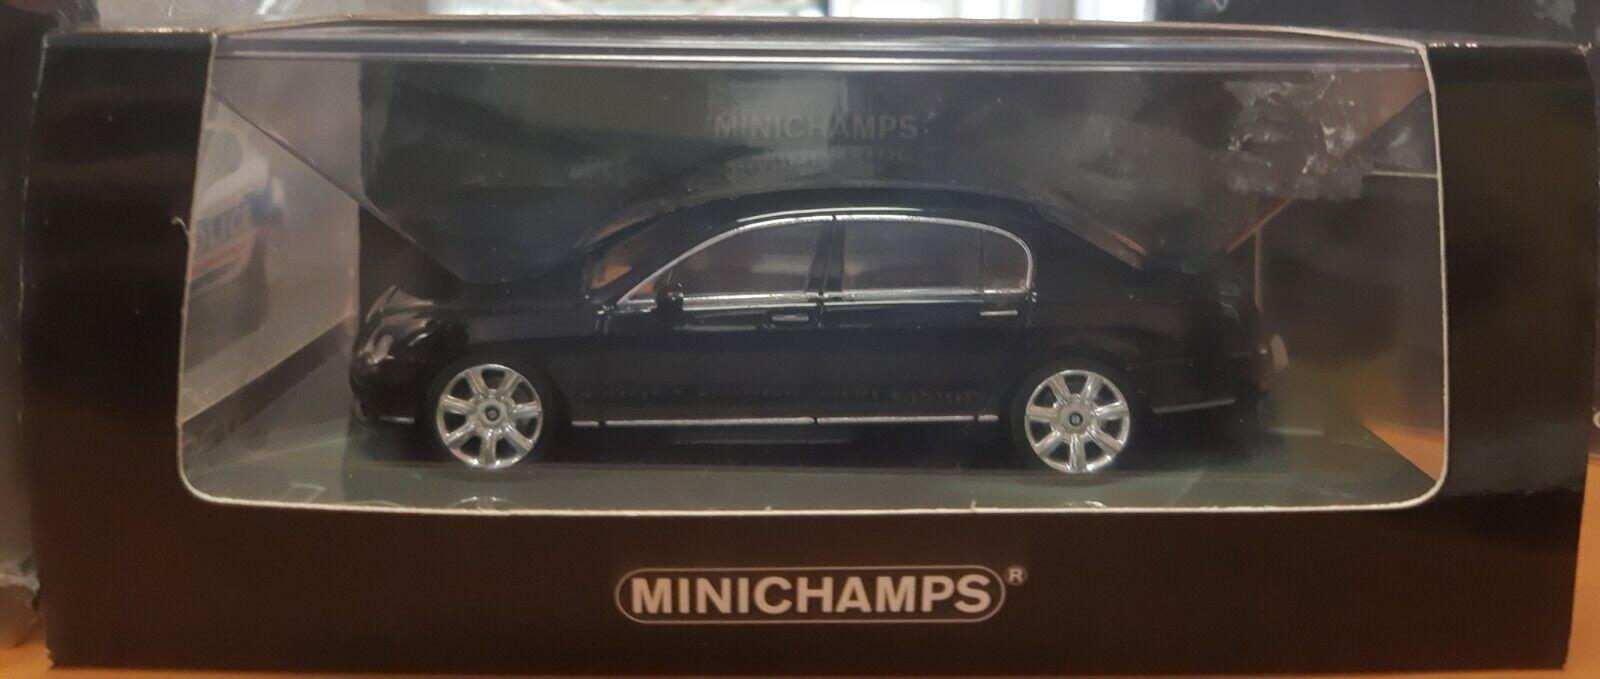 sconti e altro Minichamps Bentley Continental Flying Spur 1 43 43 43  in vendita